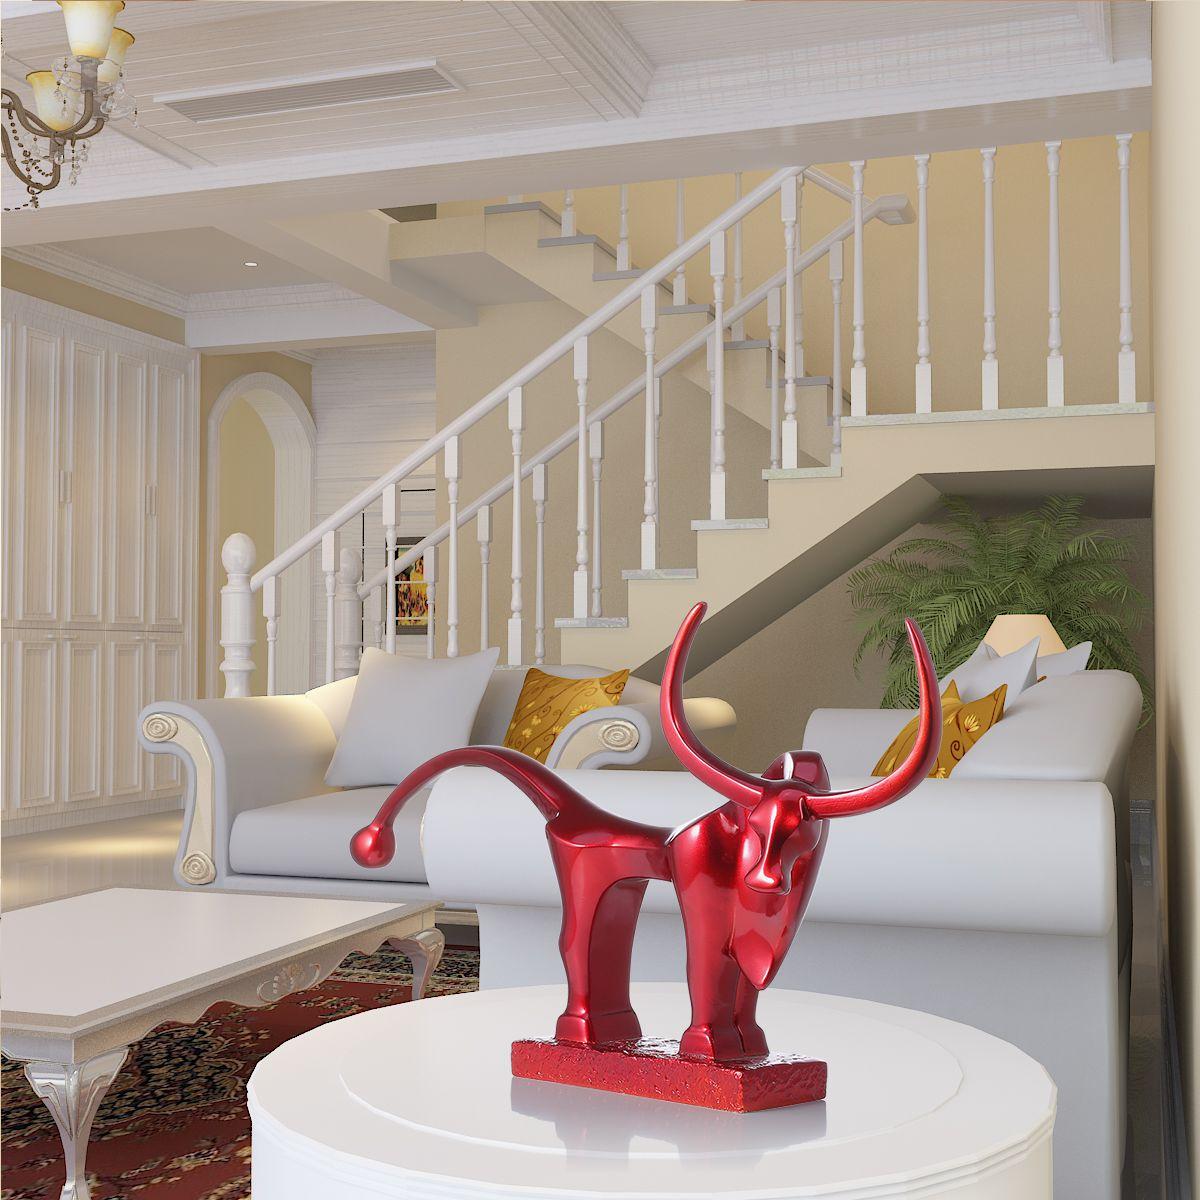 Cattle Modern Sculpture Long Tail Cattle Resin Sculpture Fiberglass Exaggerate Modern Art Ornament Indoor Decor Statue